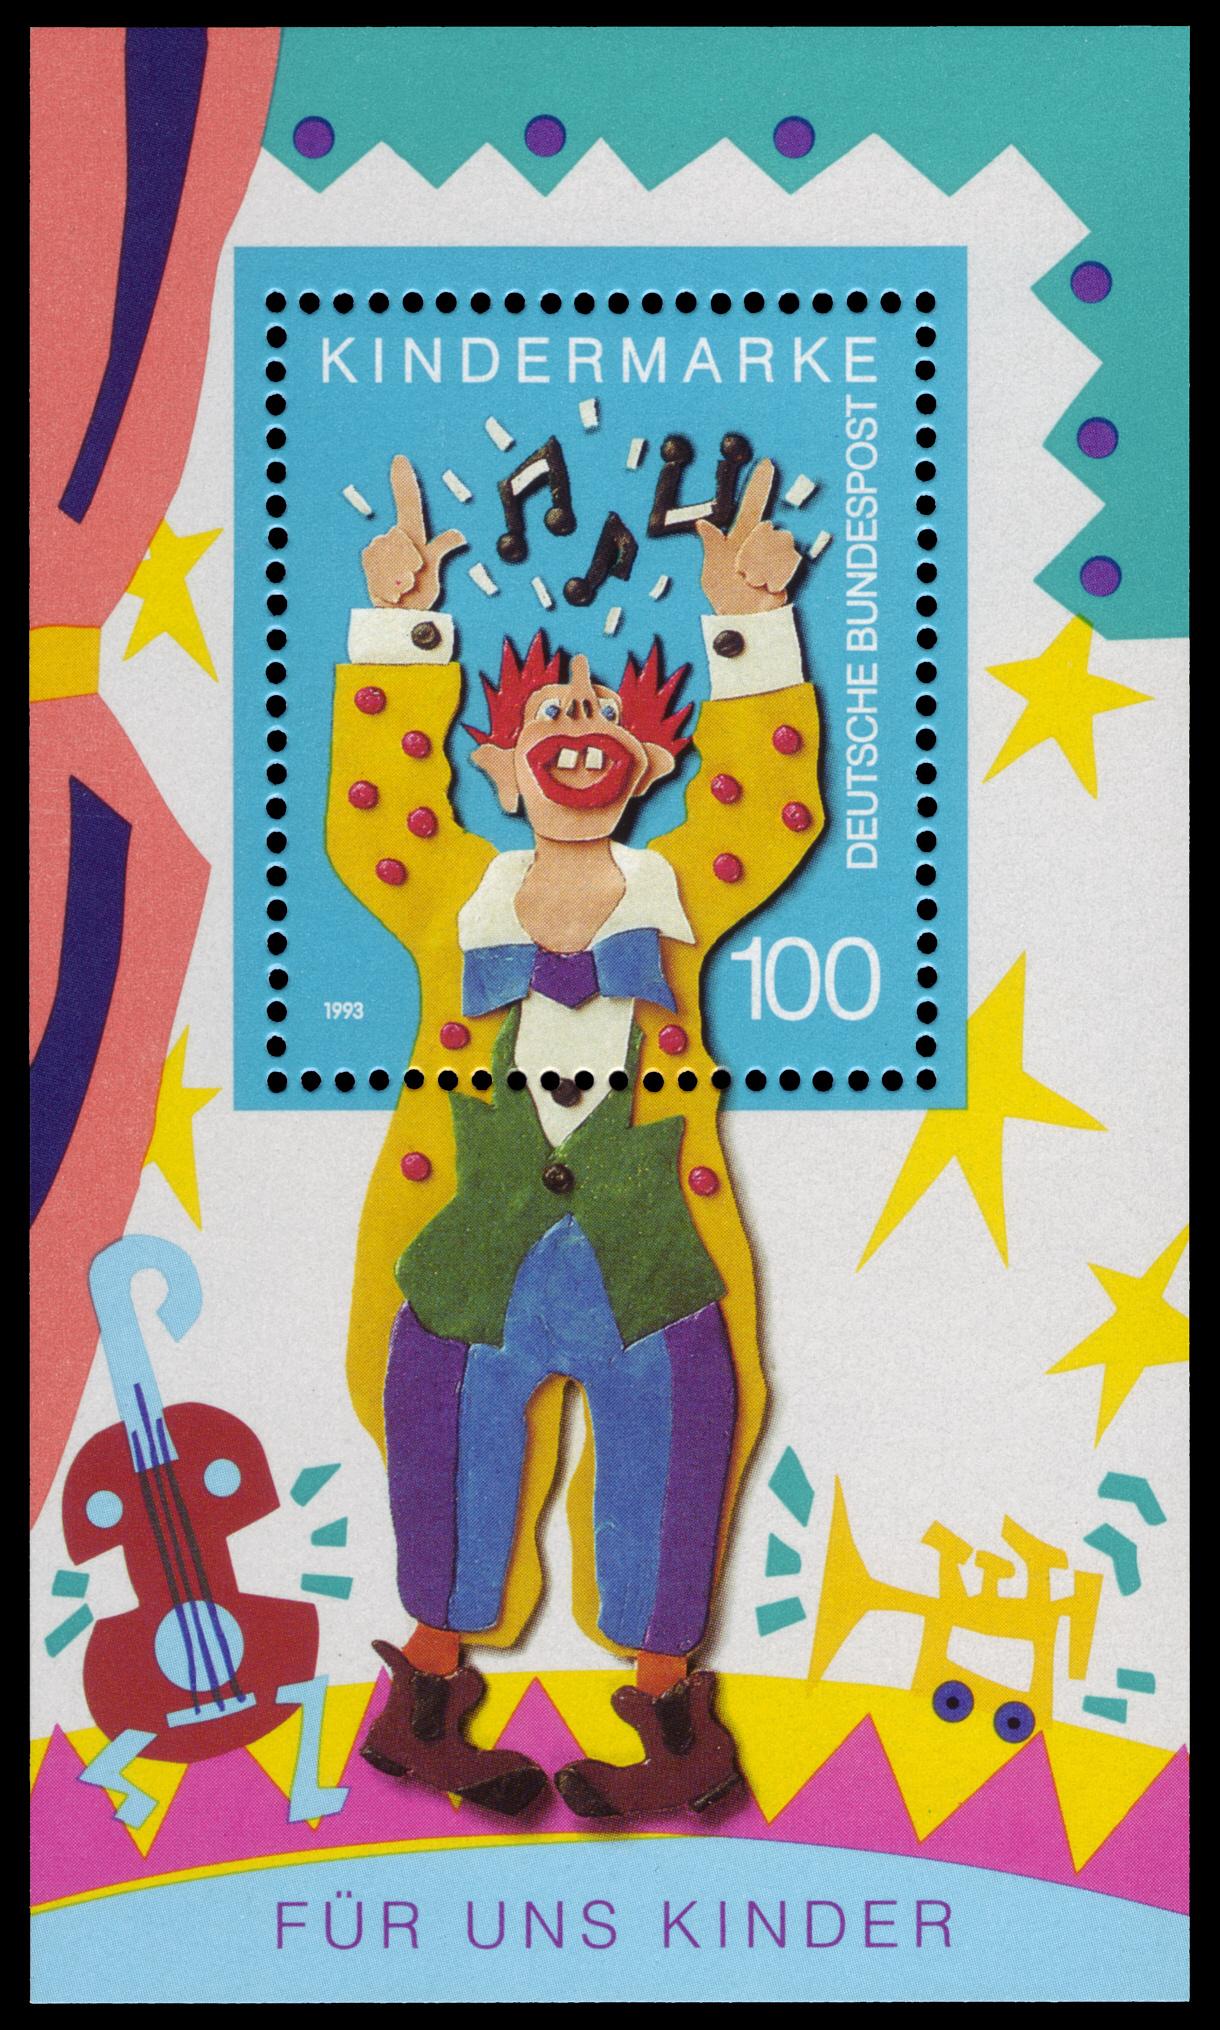 Briefmarken Jahrgang 1993 Der Deutschen Bundespost Wikipedia